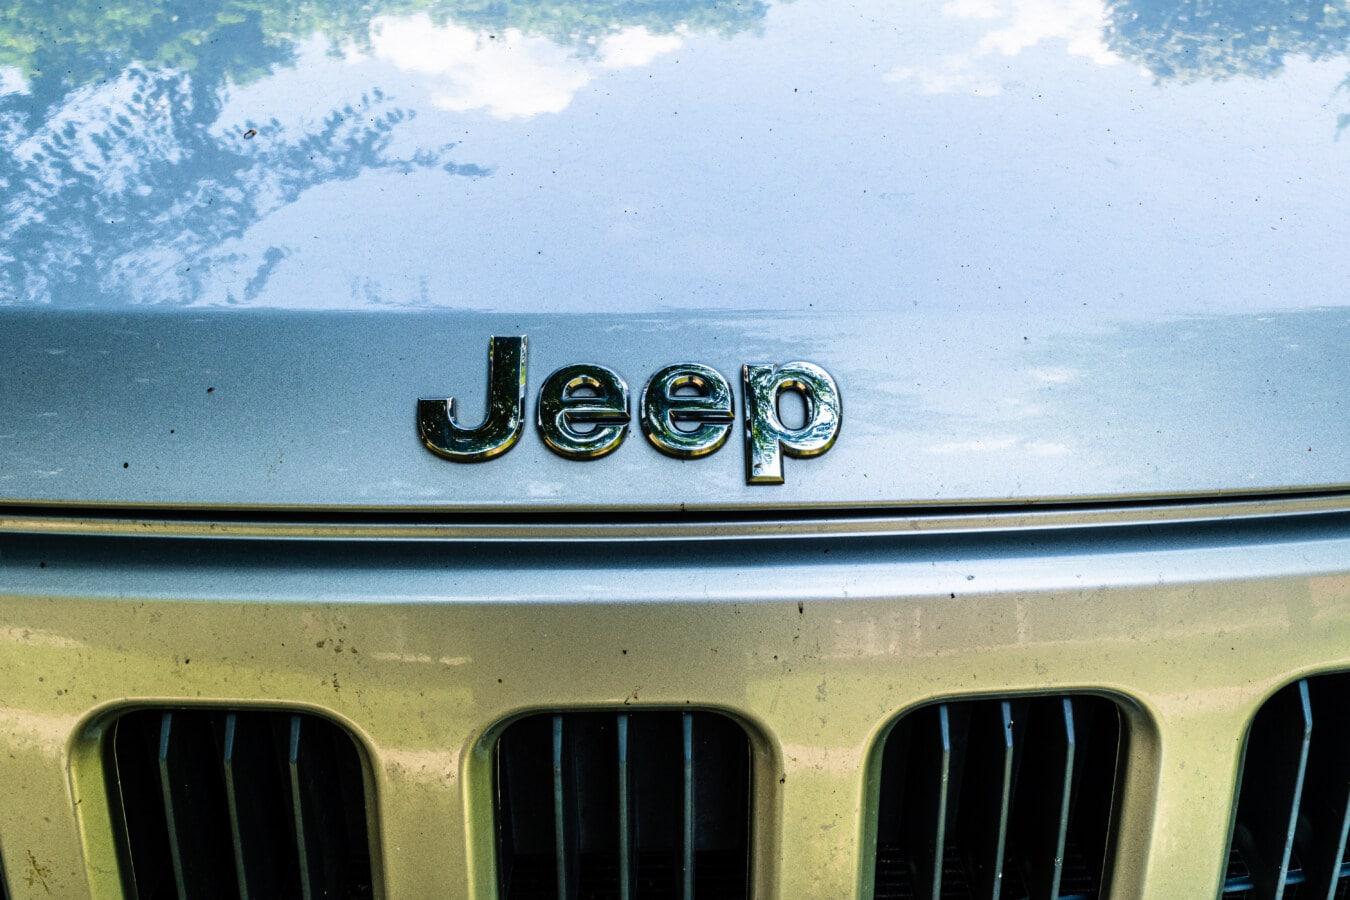 Jeep, chrome, signe, métalliques, secteur d'activité, automobile, voiture, véhicule, classique, hotte